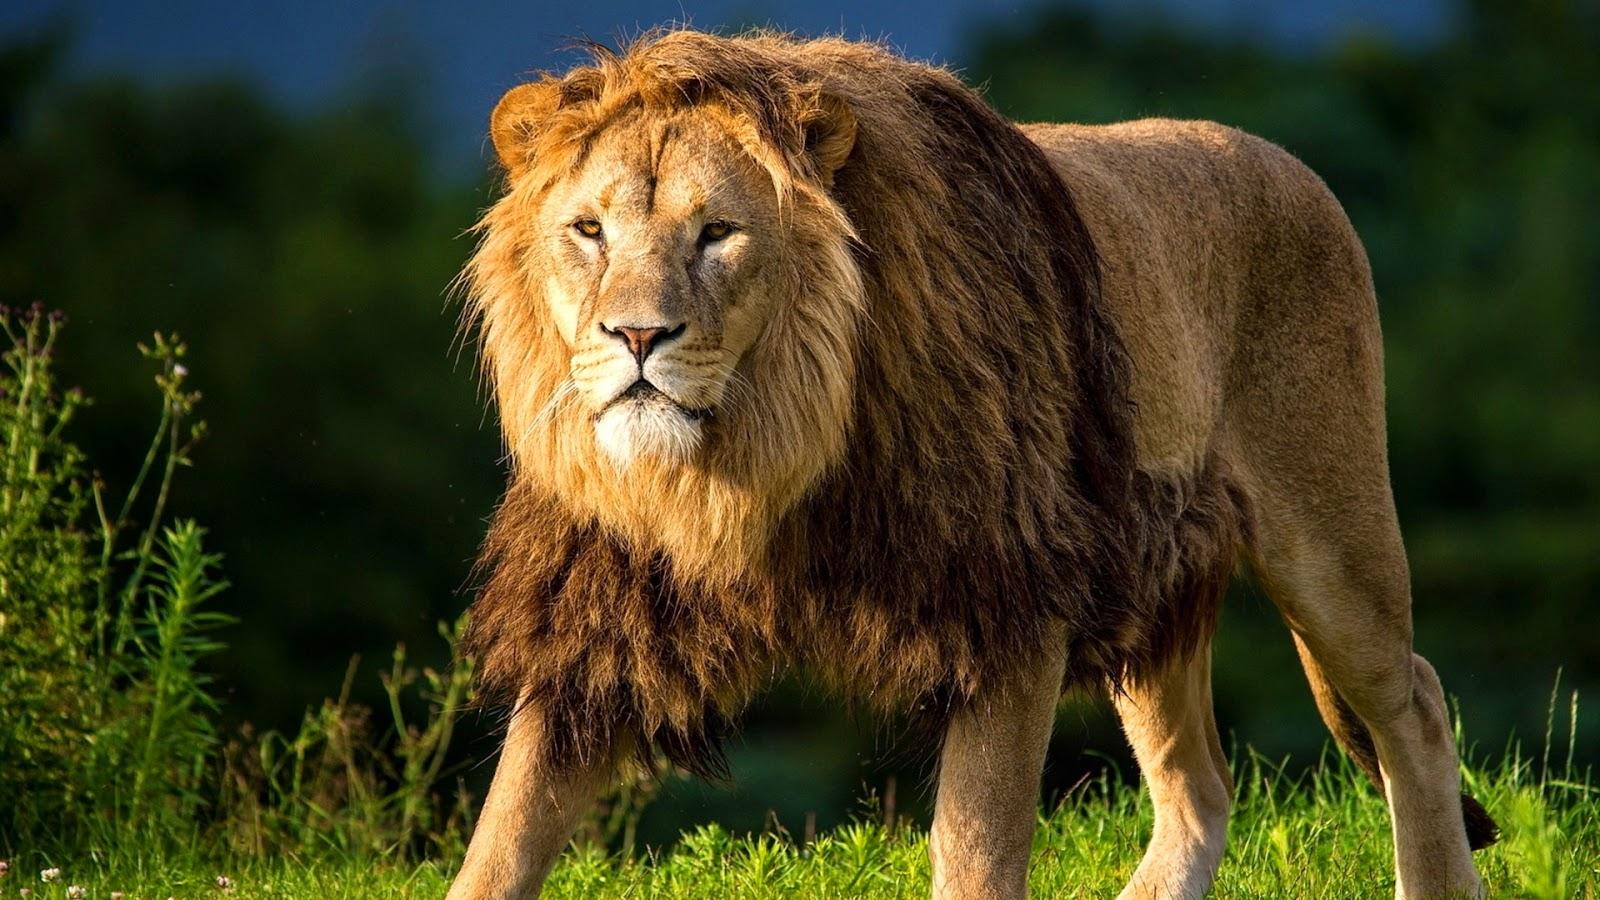 Male Lion   Full HD Desktop Wallpapers 1080p